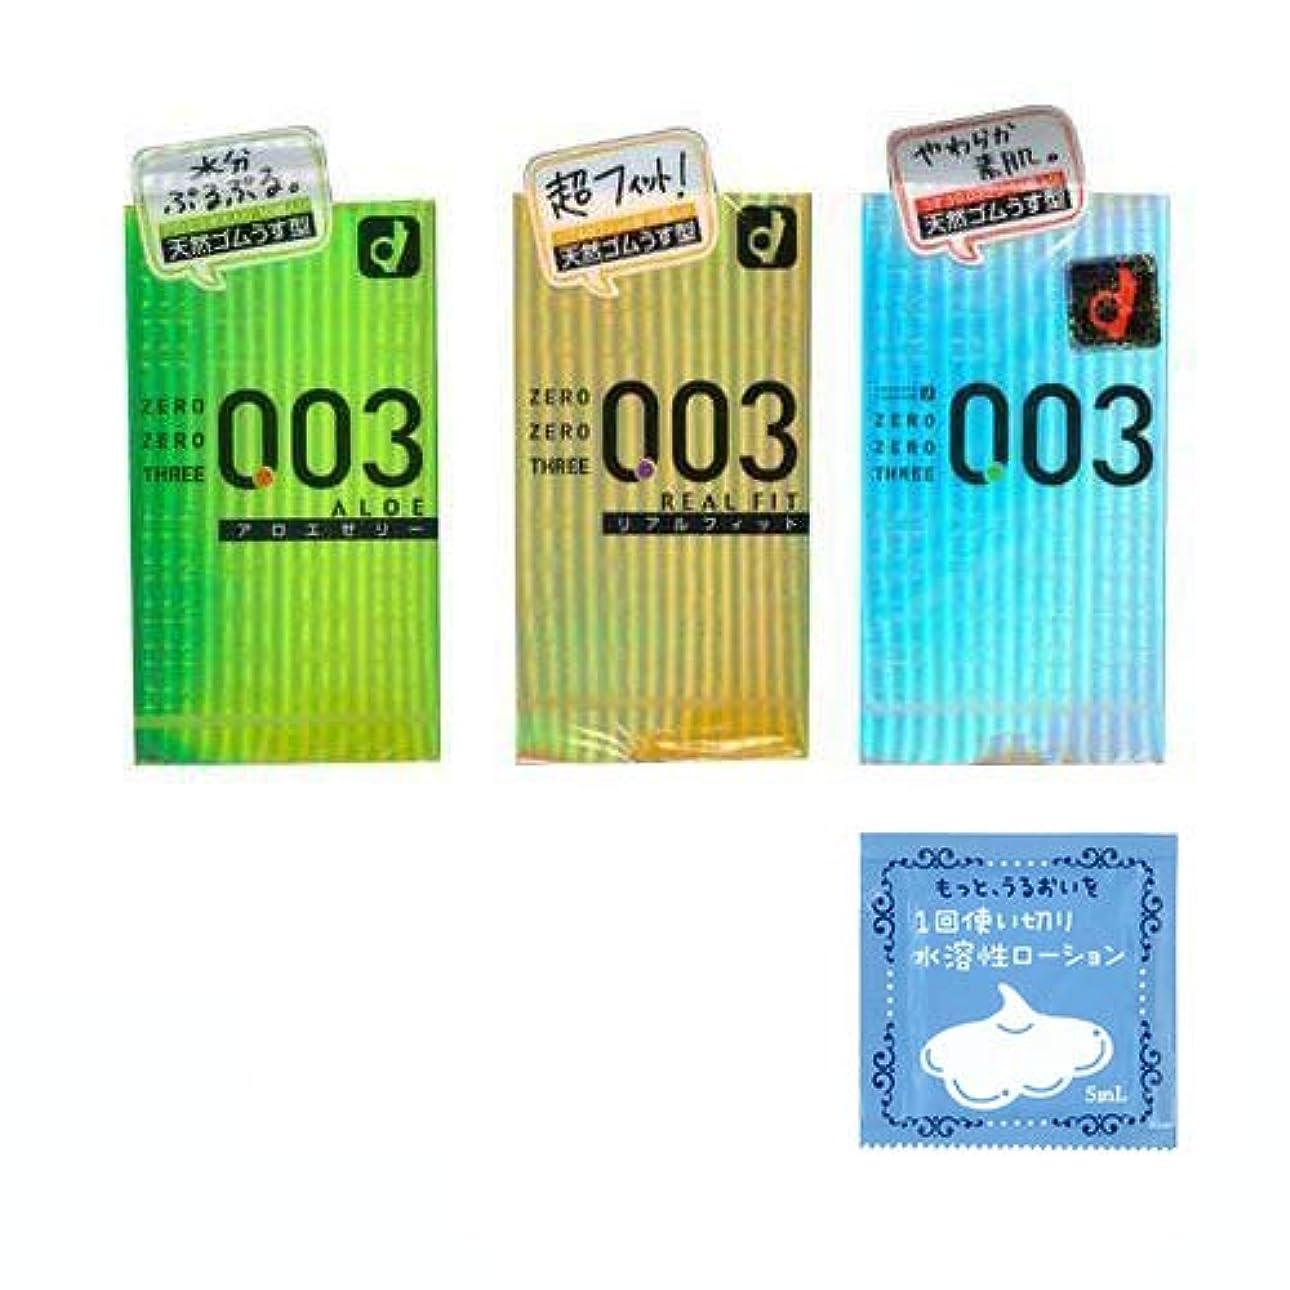 チャーミング留め金どこでも《まとめ買いセット》オカモトコンドーム3箱セット(32個入り)+ 1回使い切り水溶性潤滑ローション【fr-037】